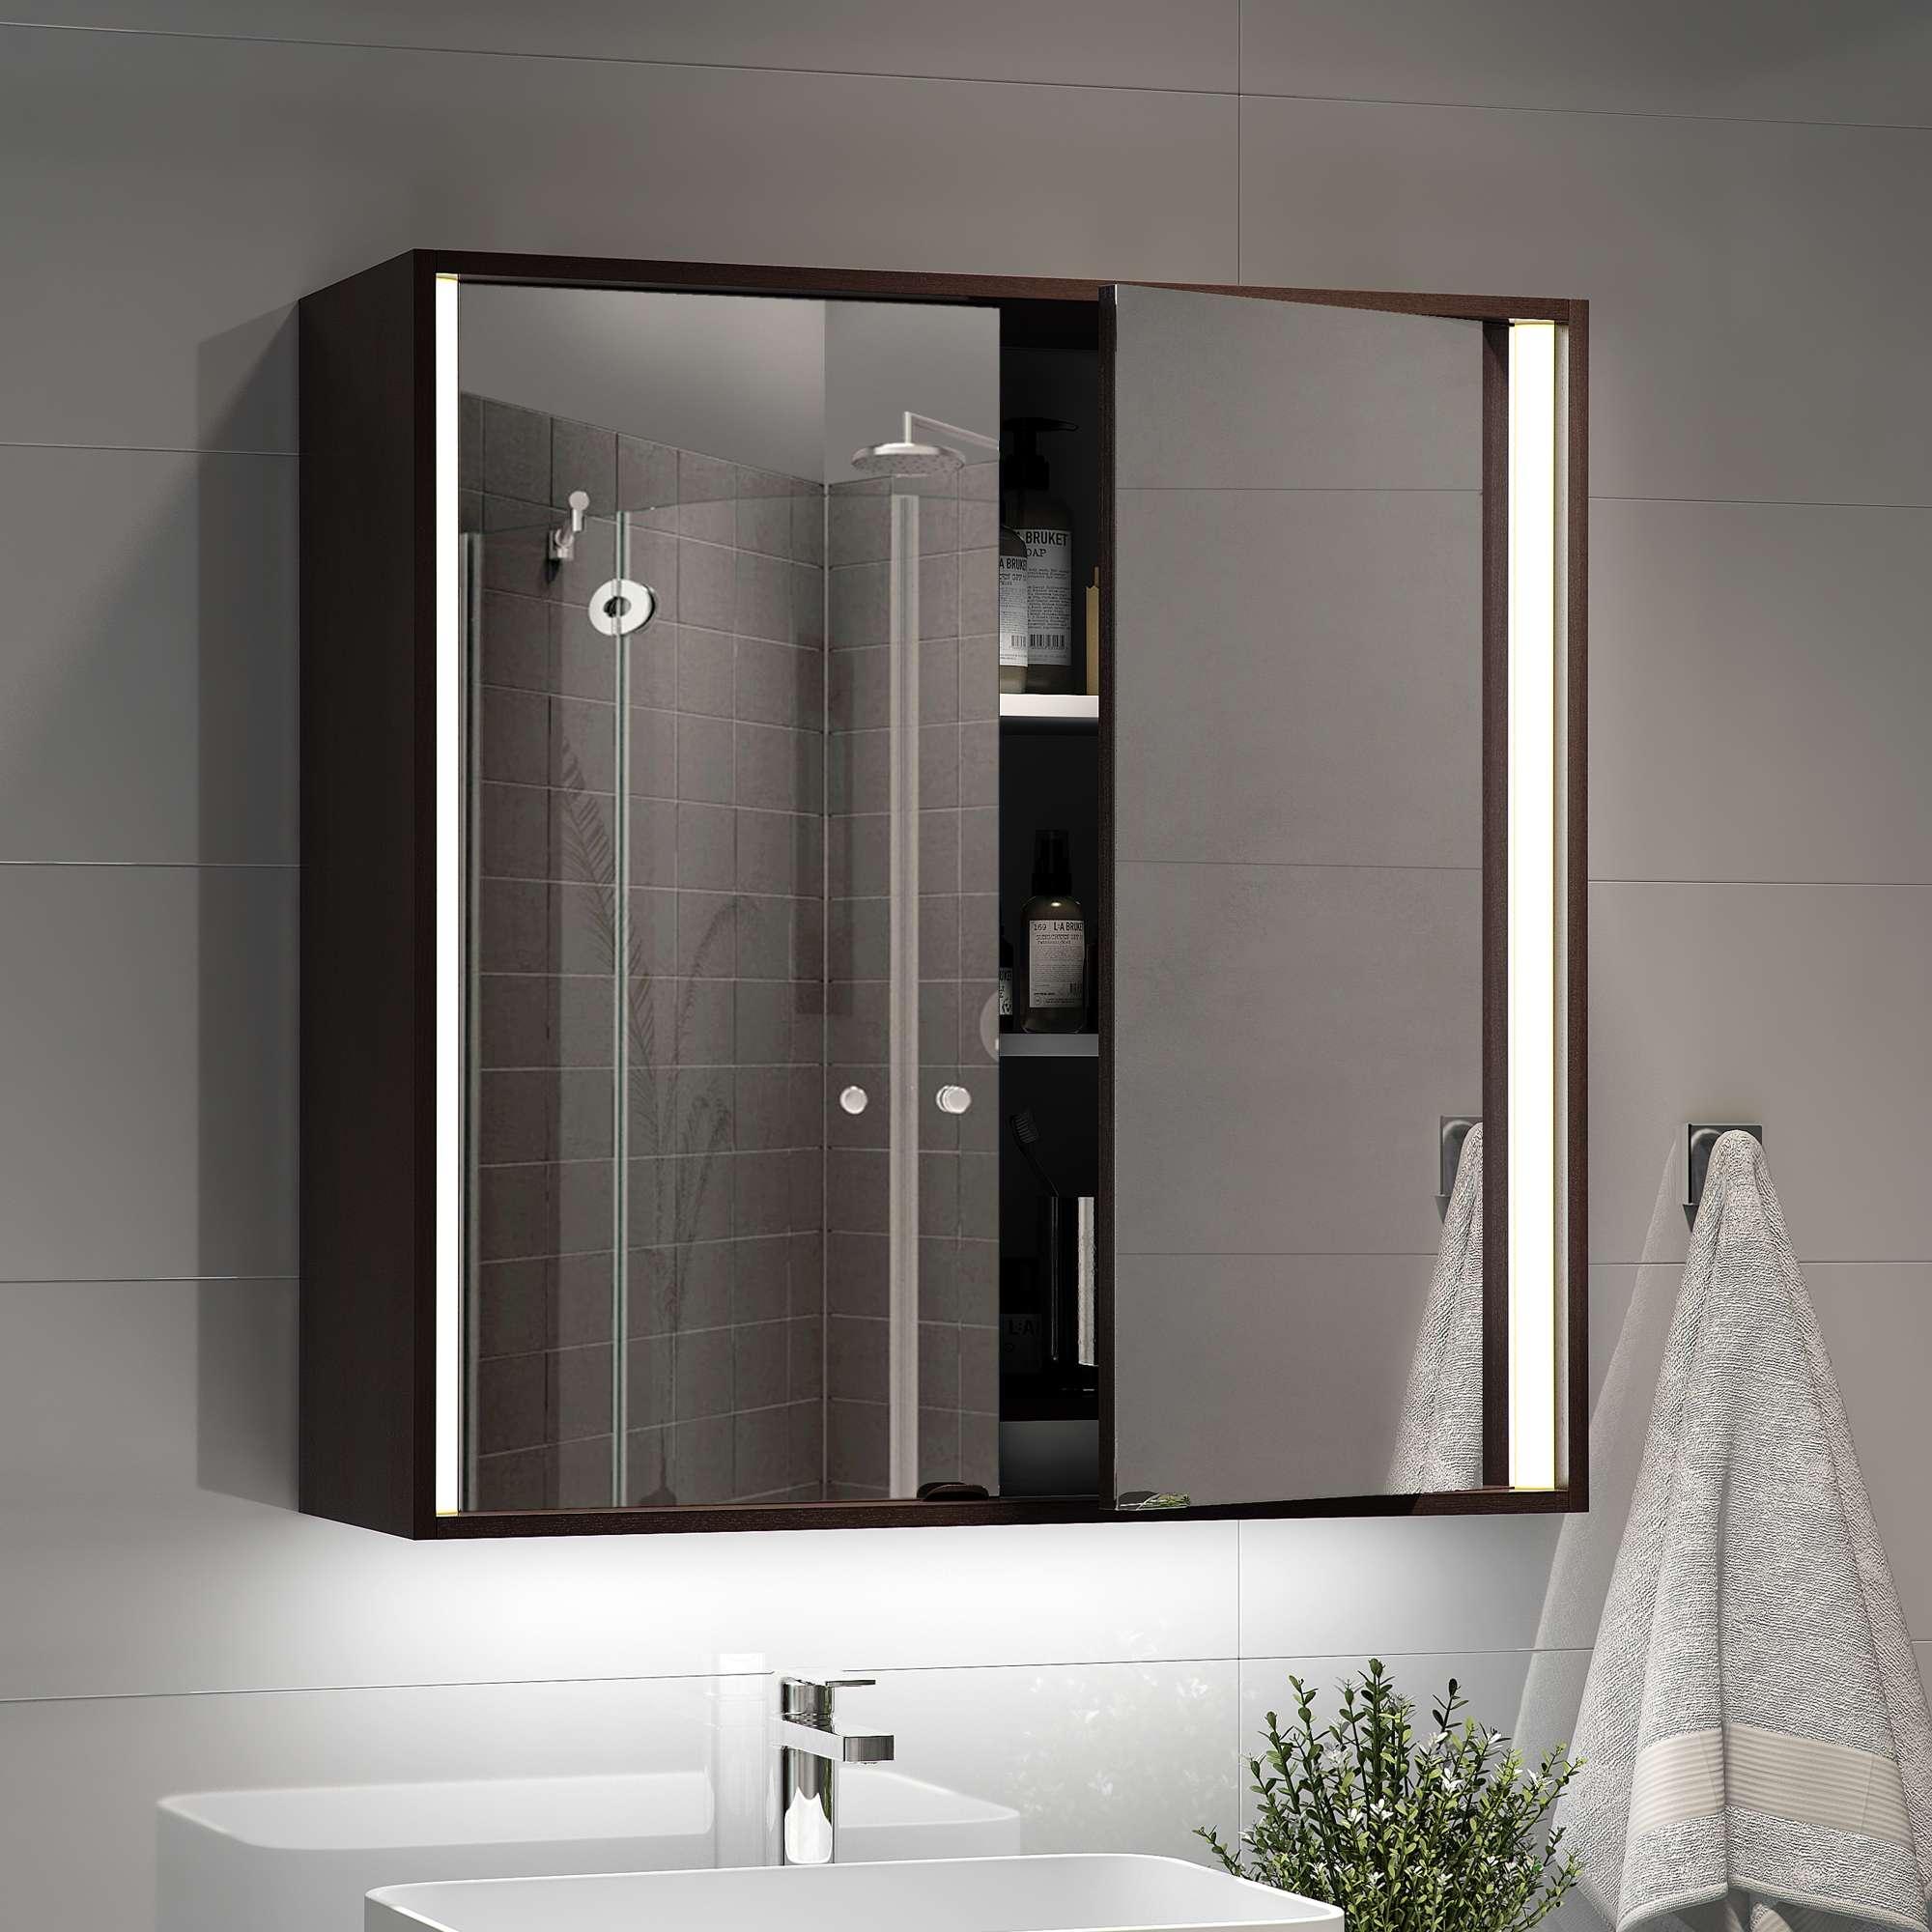 Зеркало-шкаф Vita 80 +12 500 руб.